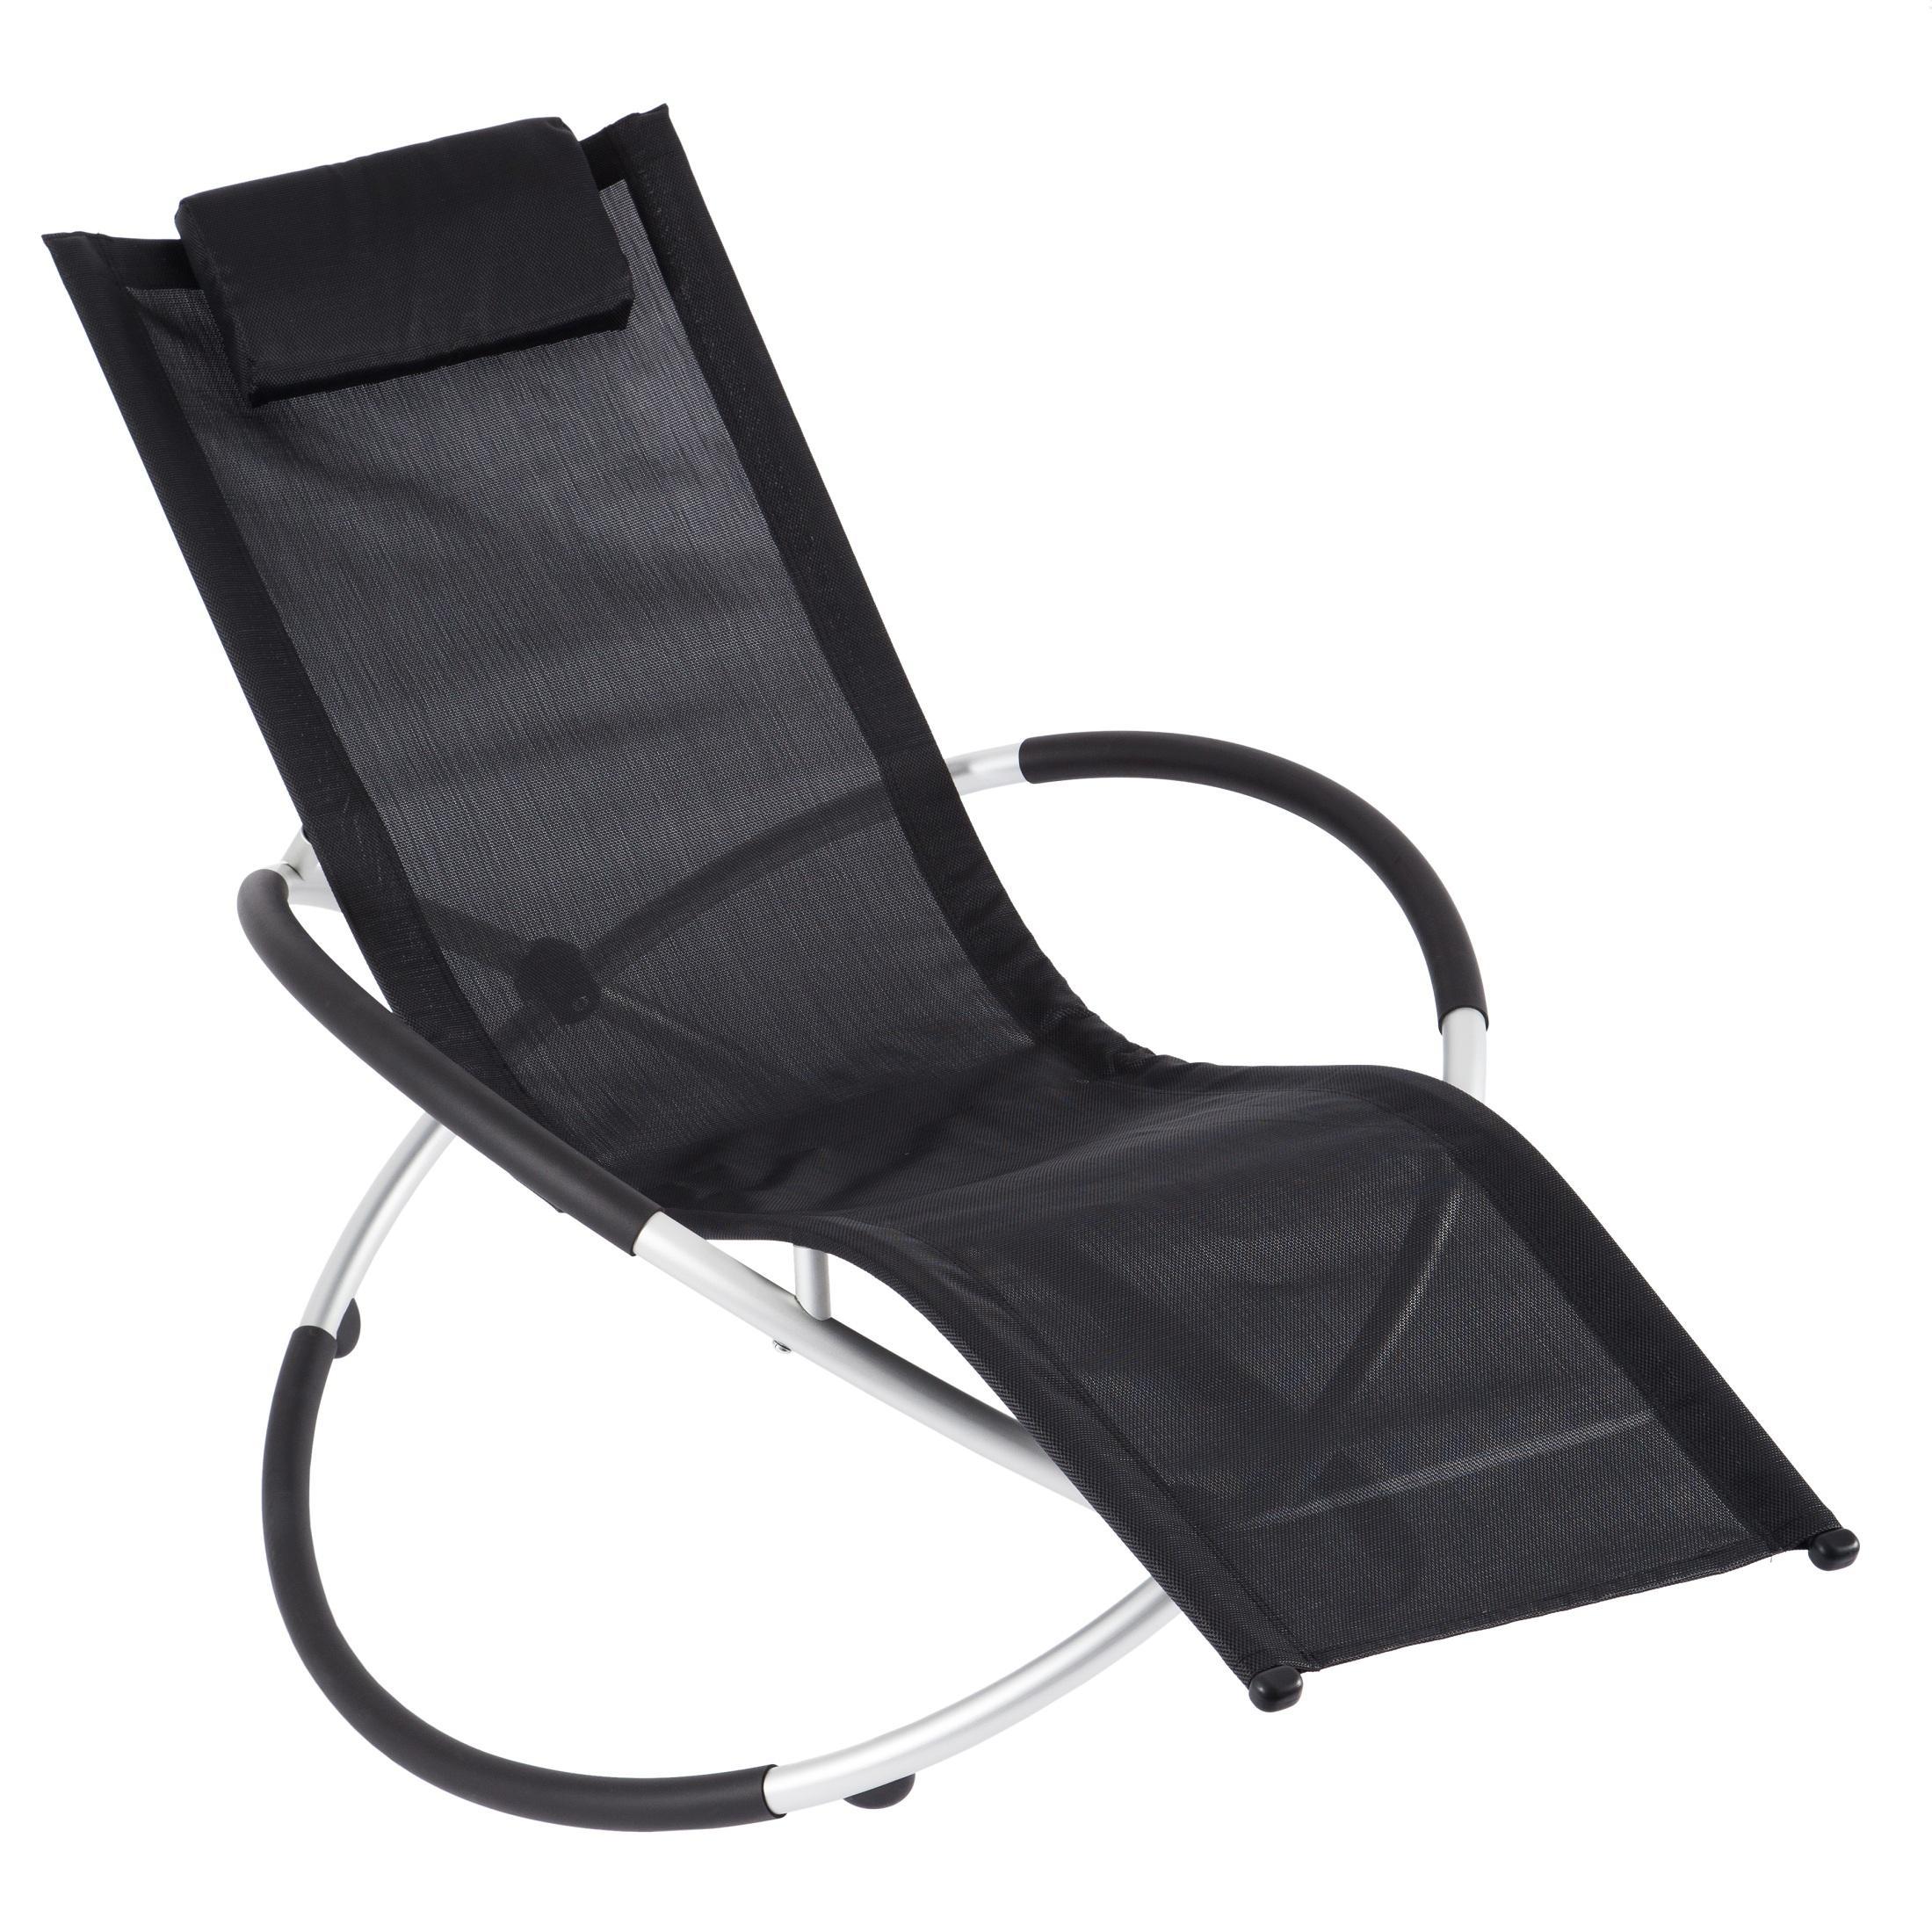 ultranatura haiti gartenliege wetterfest schwungliege aus aluminium f r garten und. Black Bedroom Furniture Sets. Home Design Ideas